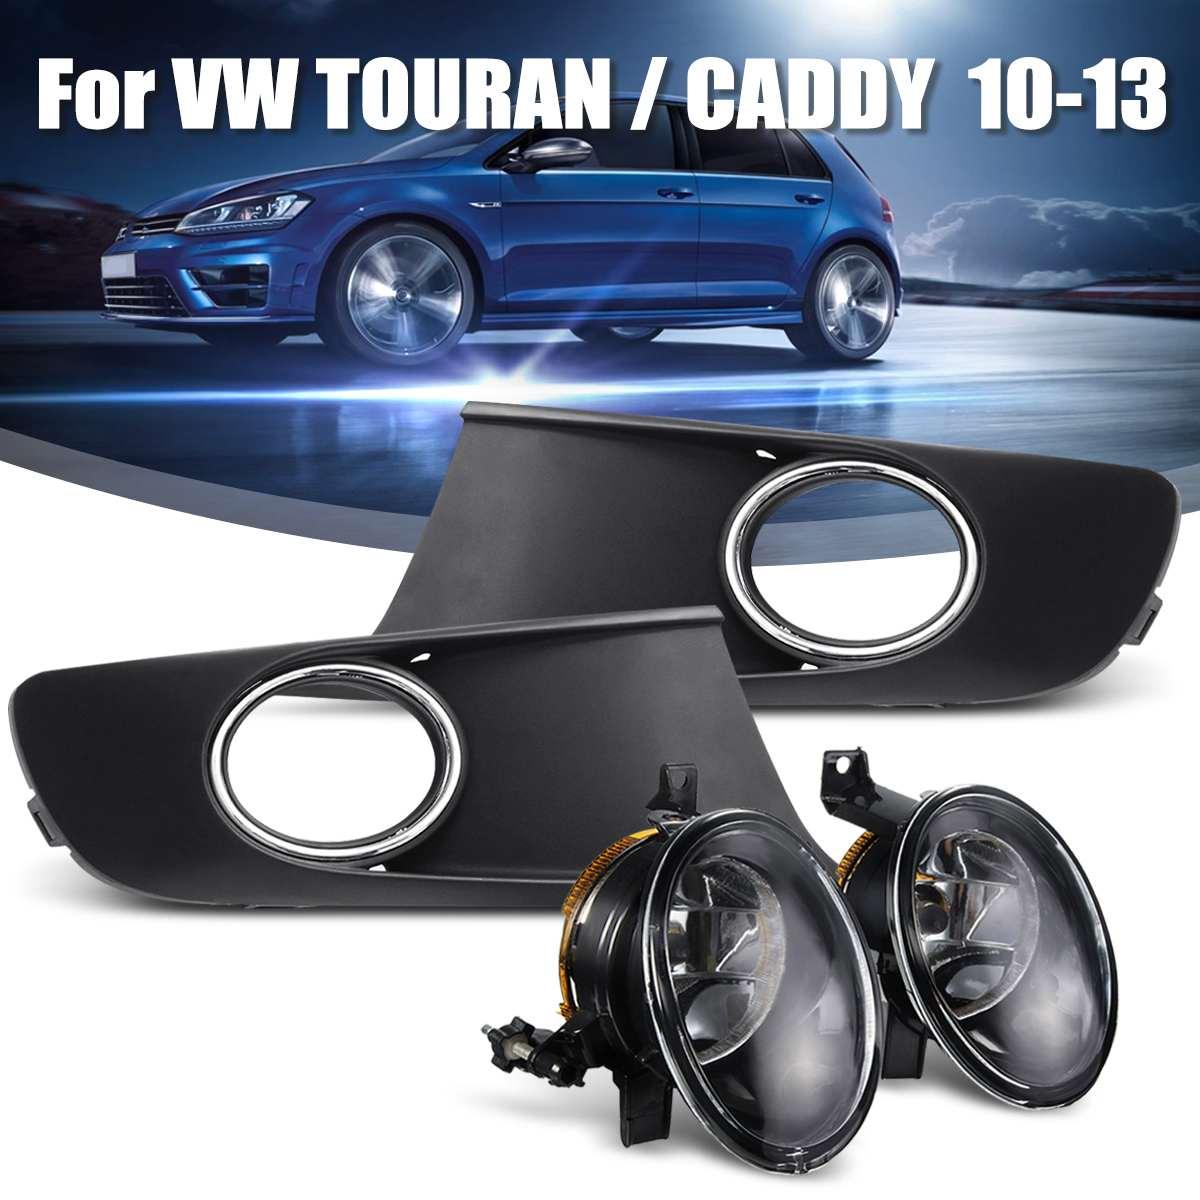 Luz de coche para VW TOURAN CADDY 2010 2011 2012 2013 luz antiniebla cubierta y arnés 1T0853665 1T0853666